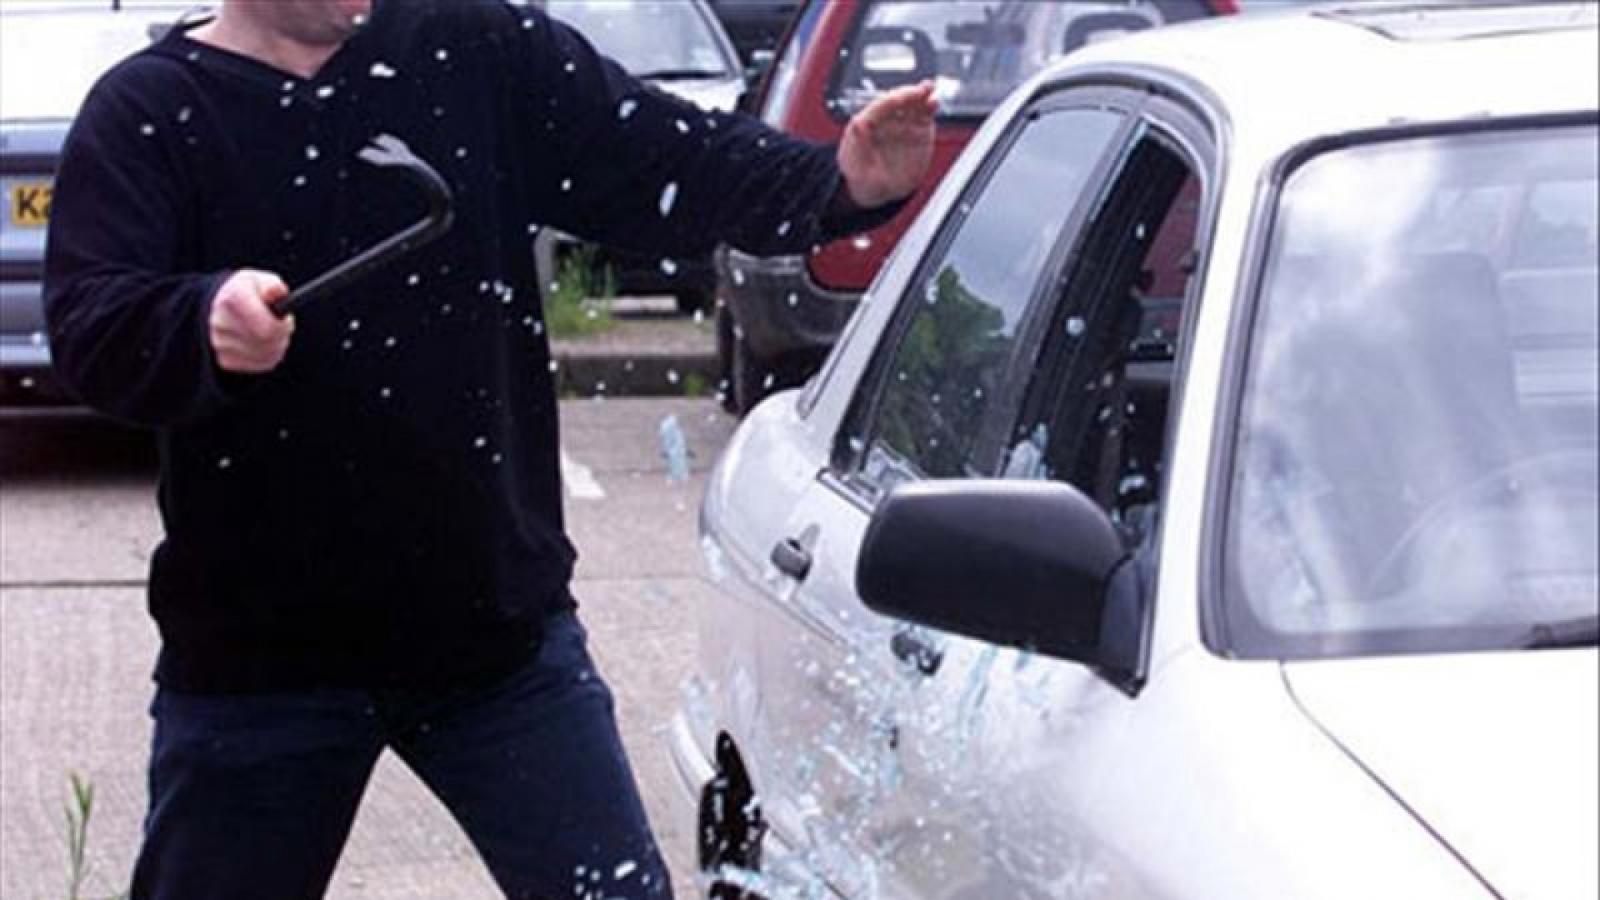 Пьяный вологжанин разгромил 4 автомобиля на парковке